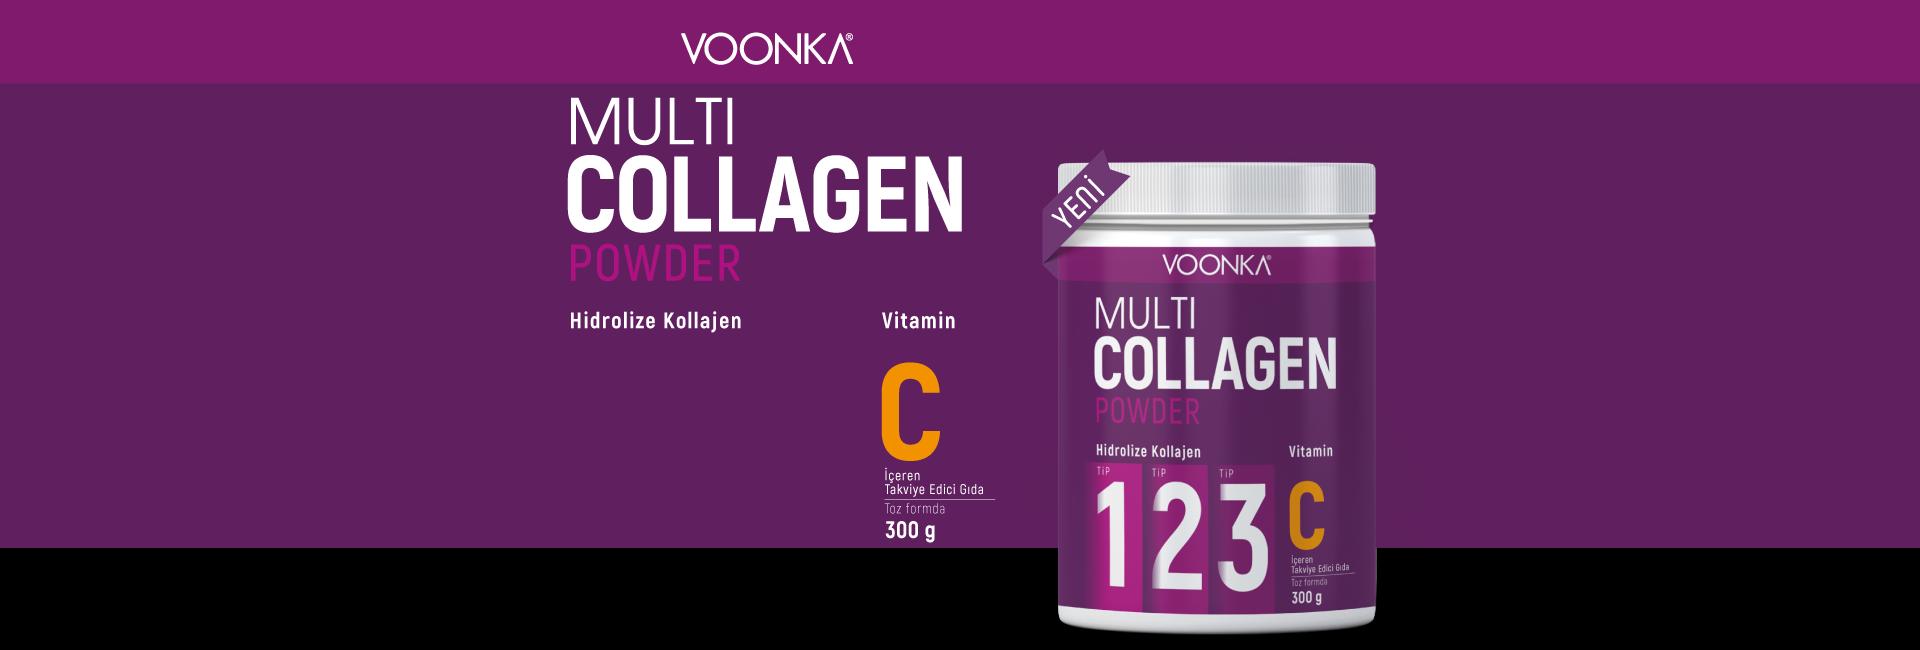 Multi Collagen Powder - Slider